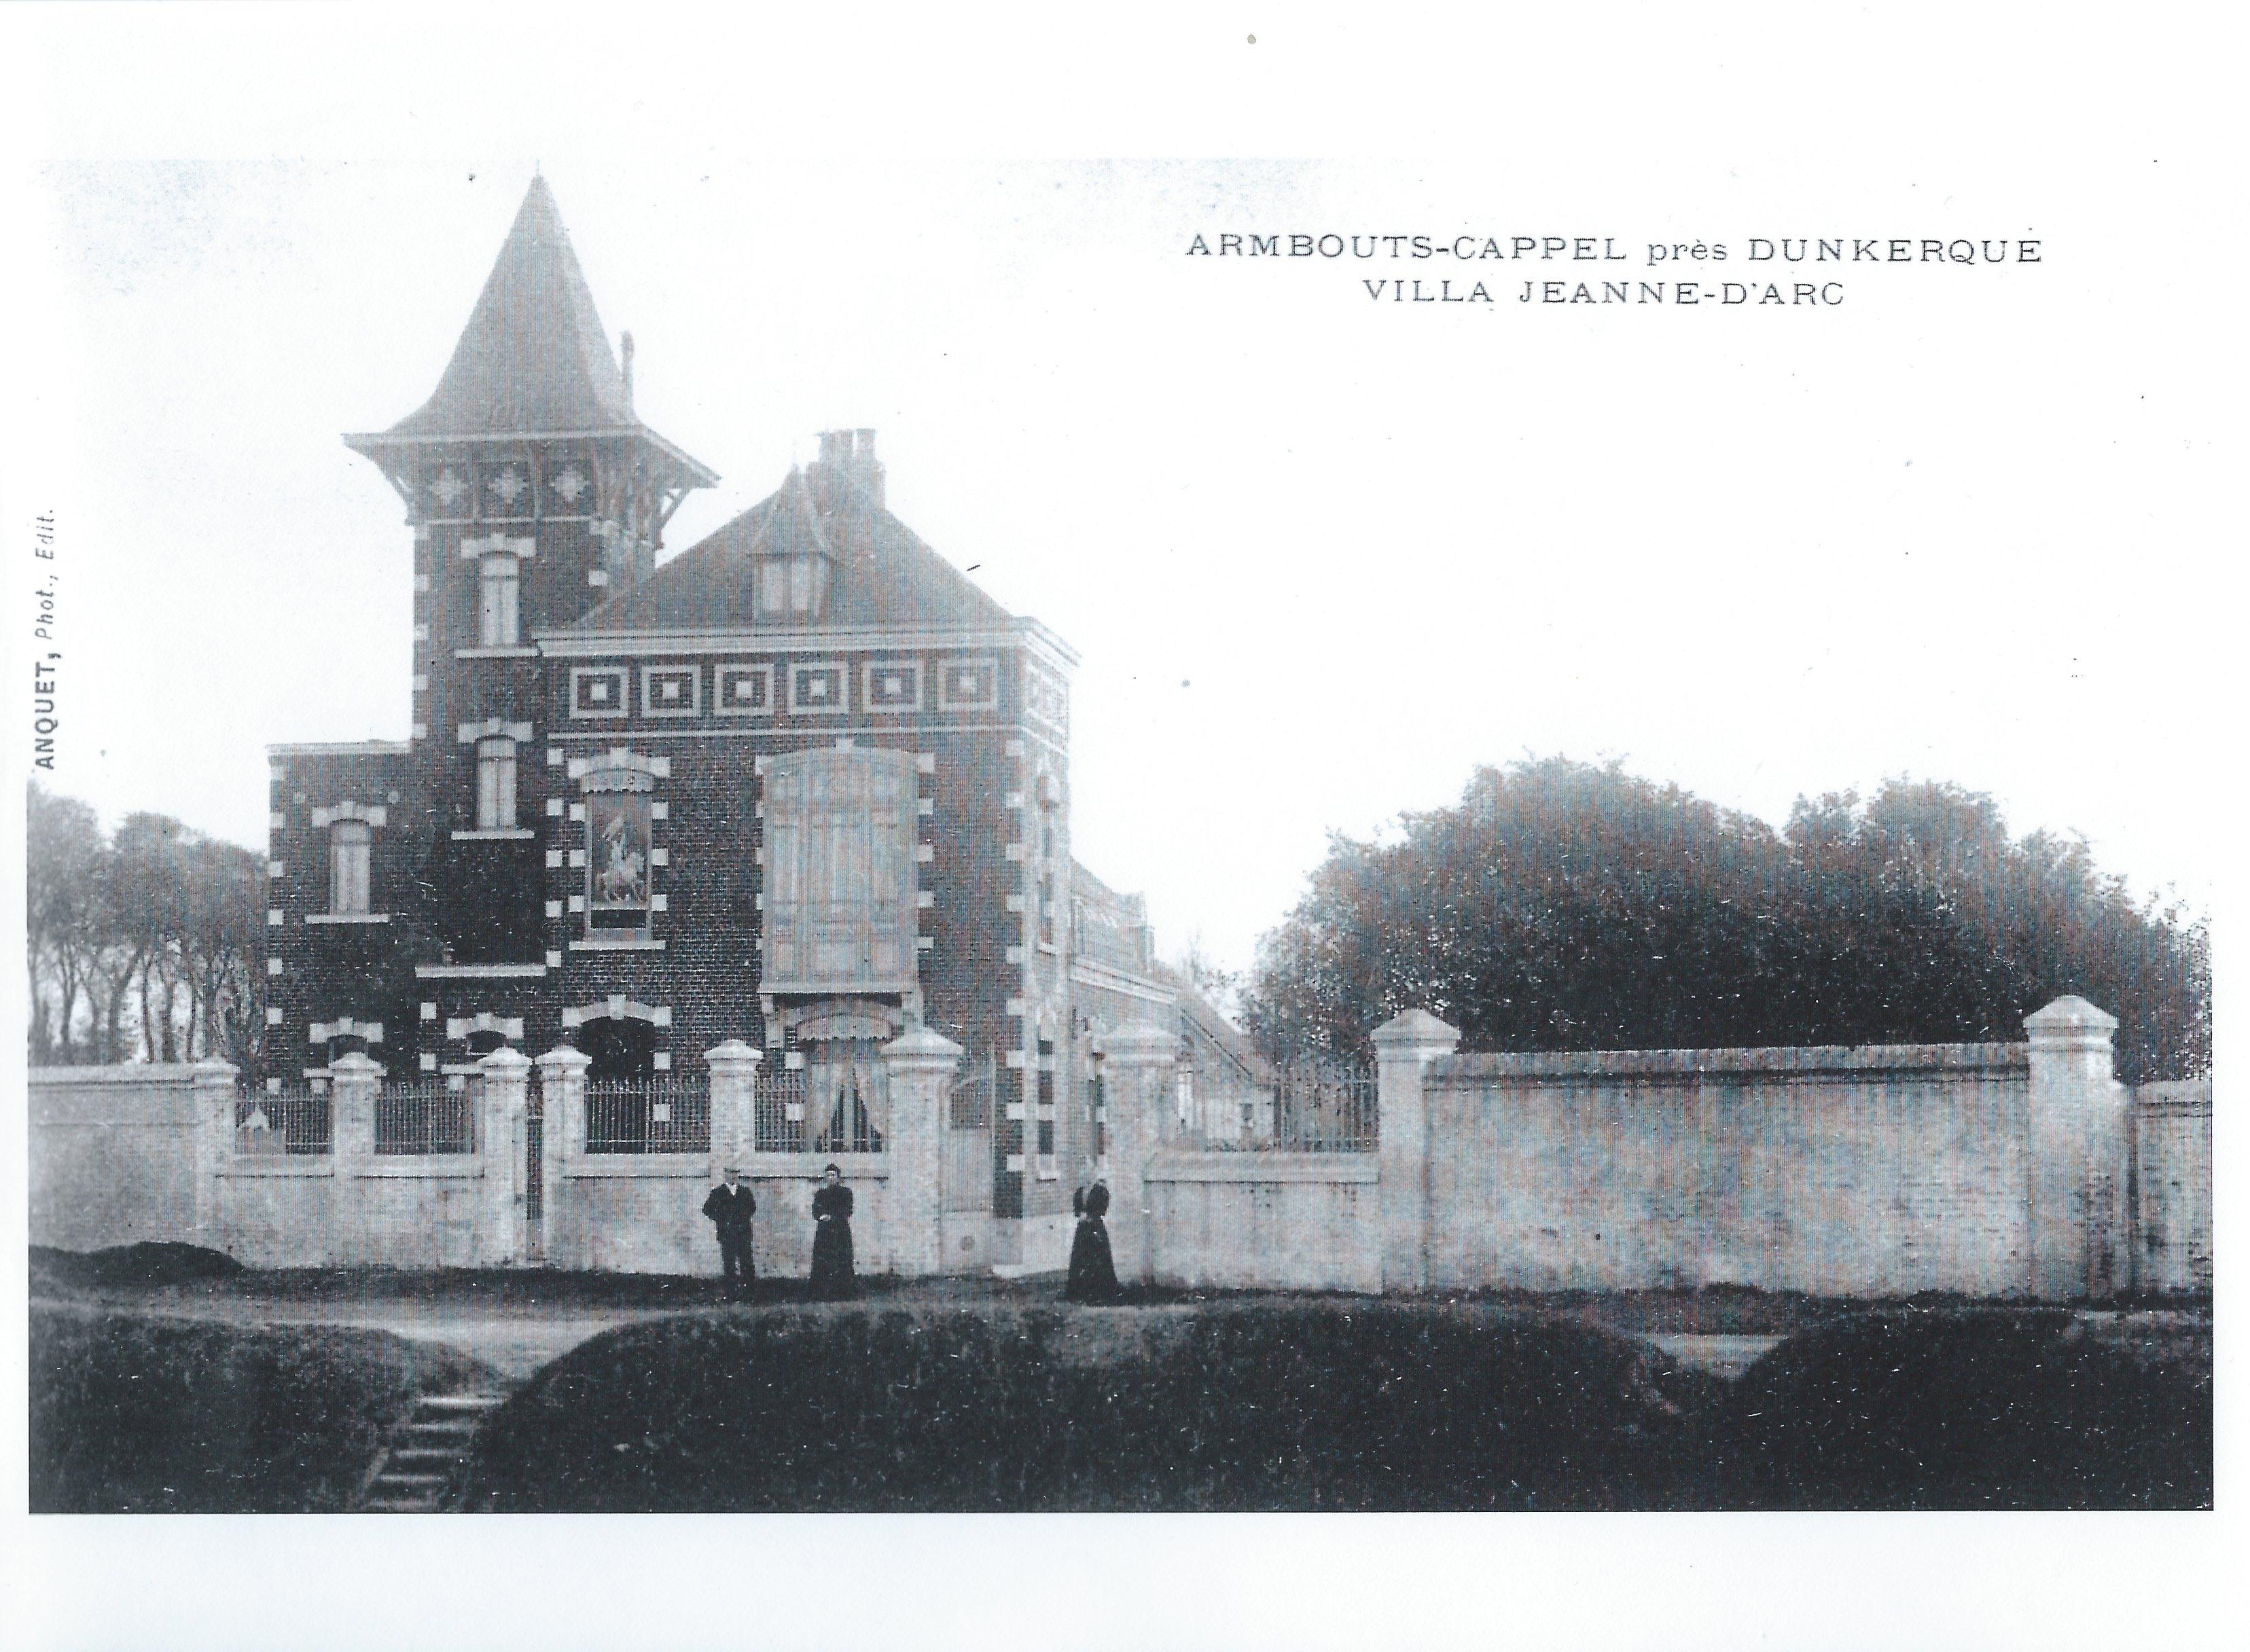 La Villa Jeanne d'Arc était située au Pont de Petite-Synthe